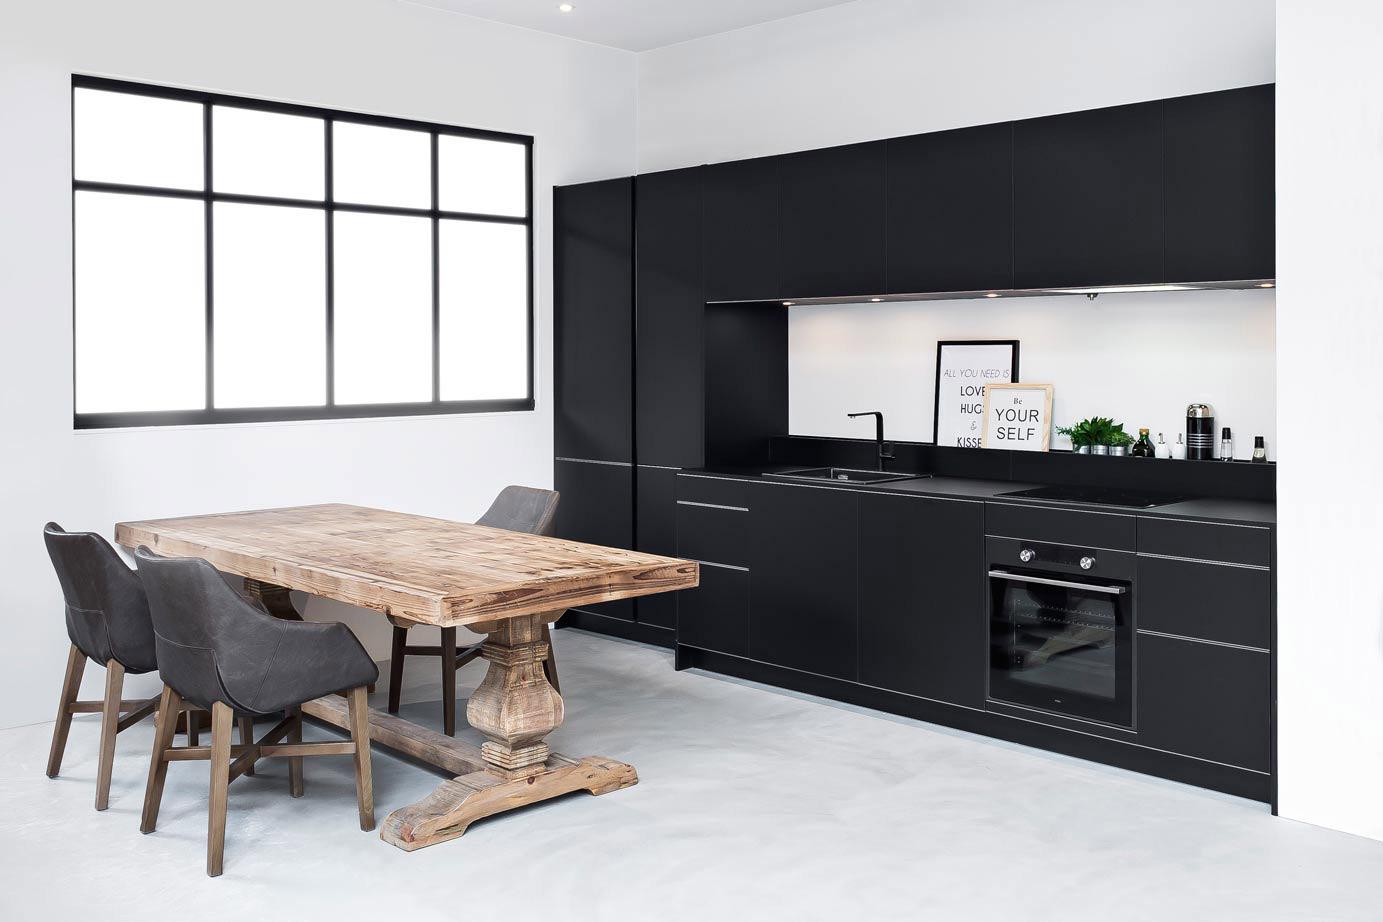 Zwarte Keuken Ideeen : Zwarte keukens in iedere stijl budget en opstelling avanti